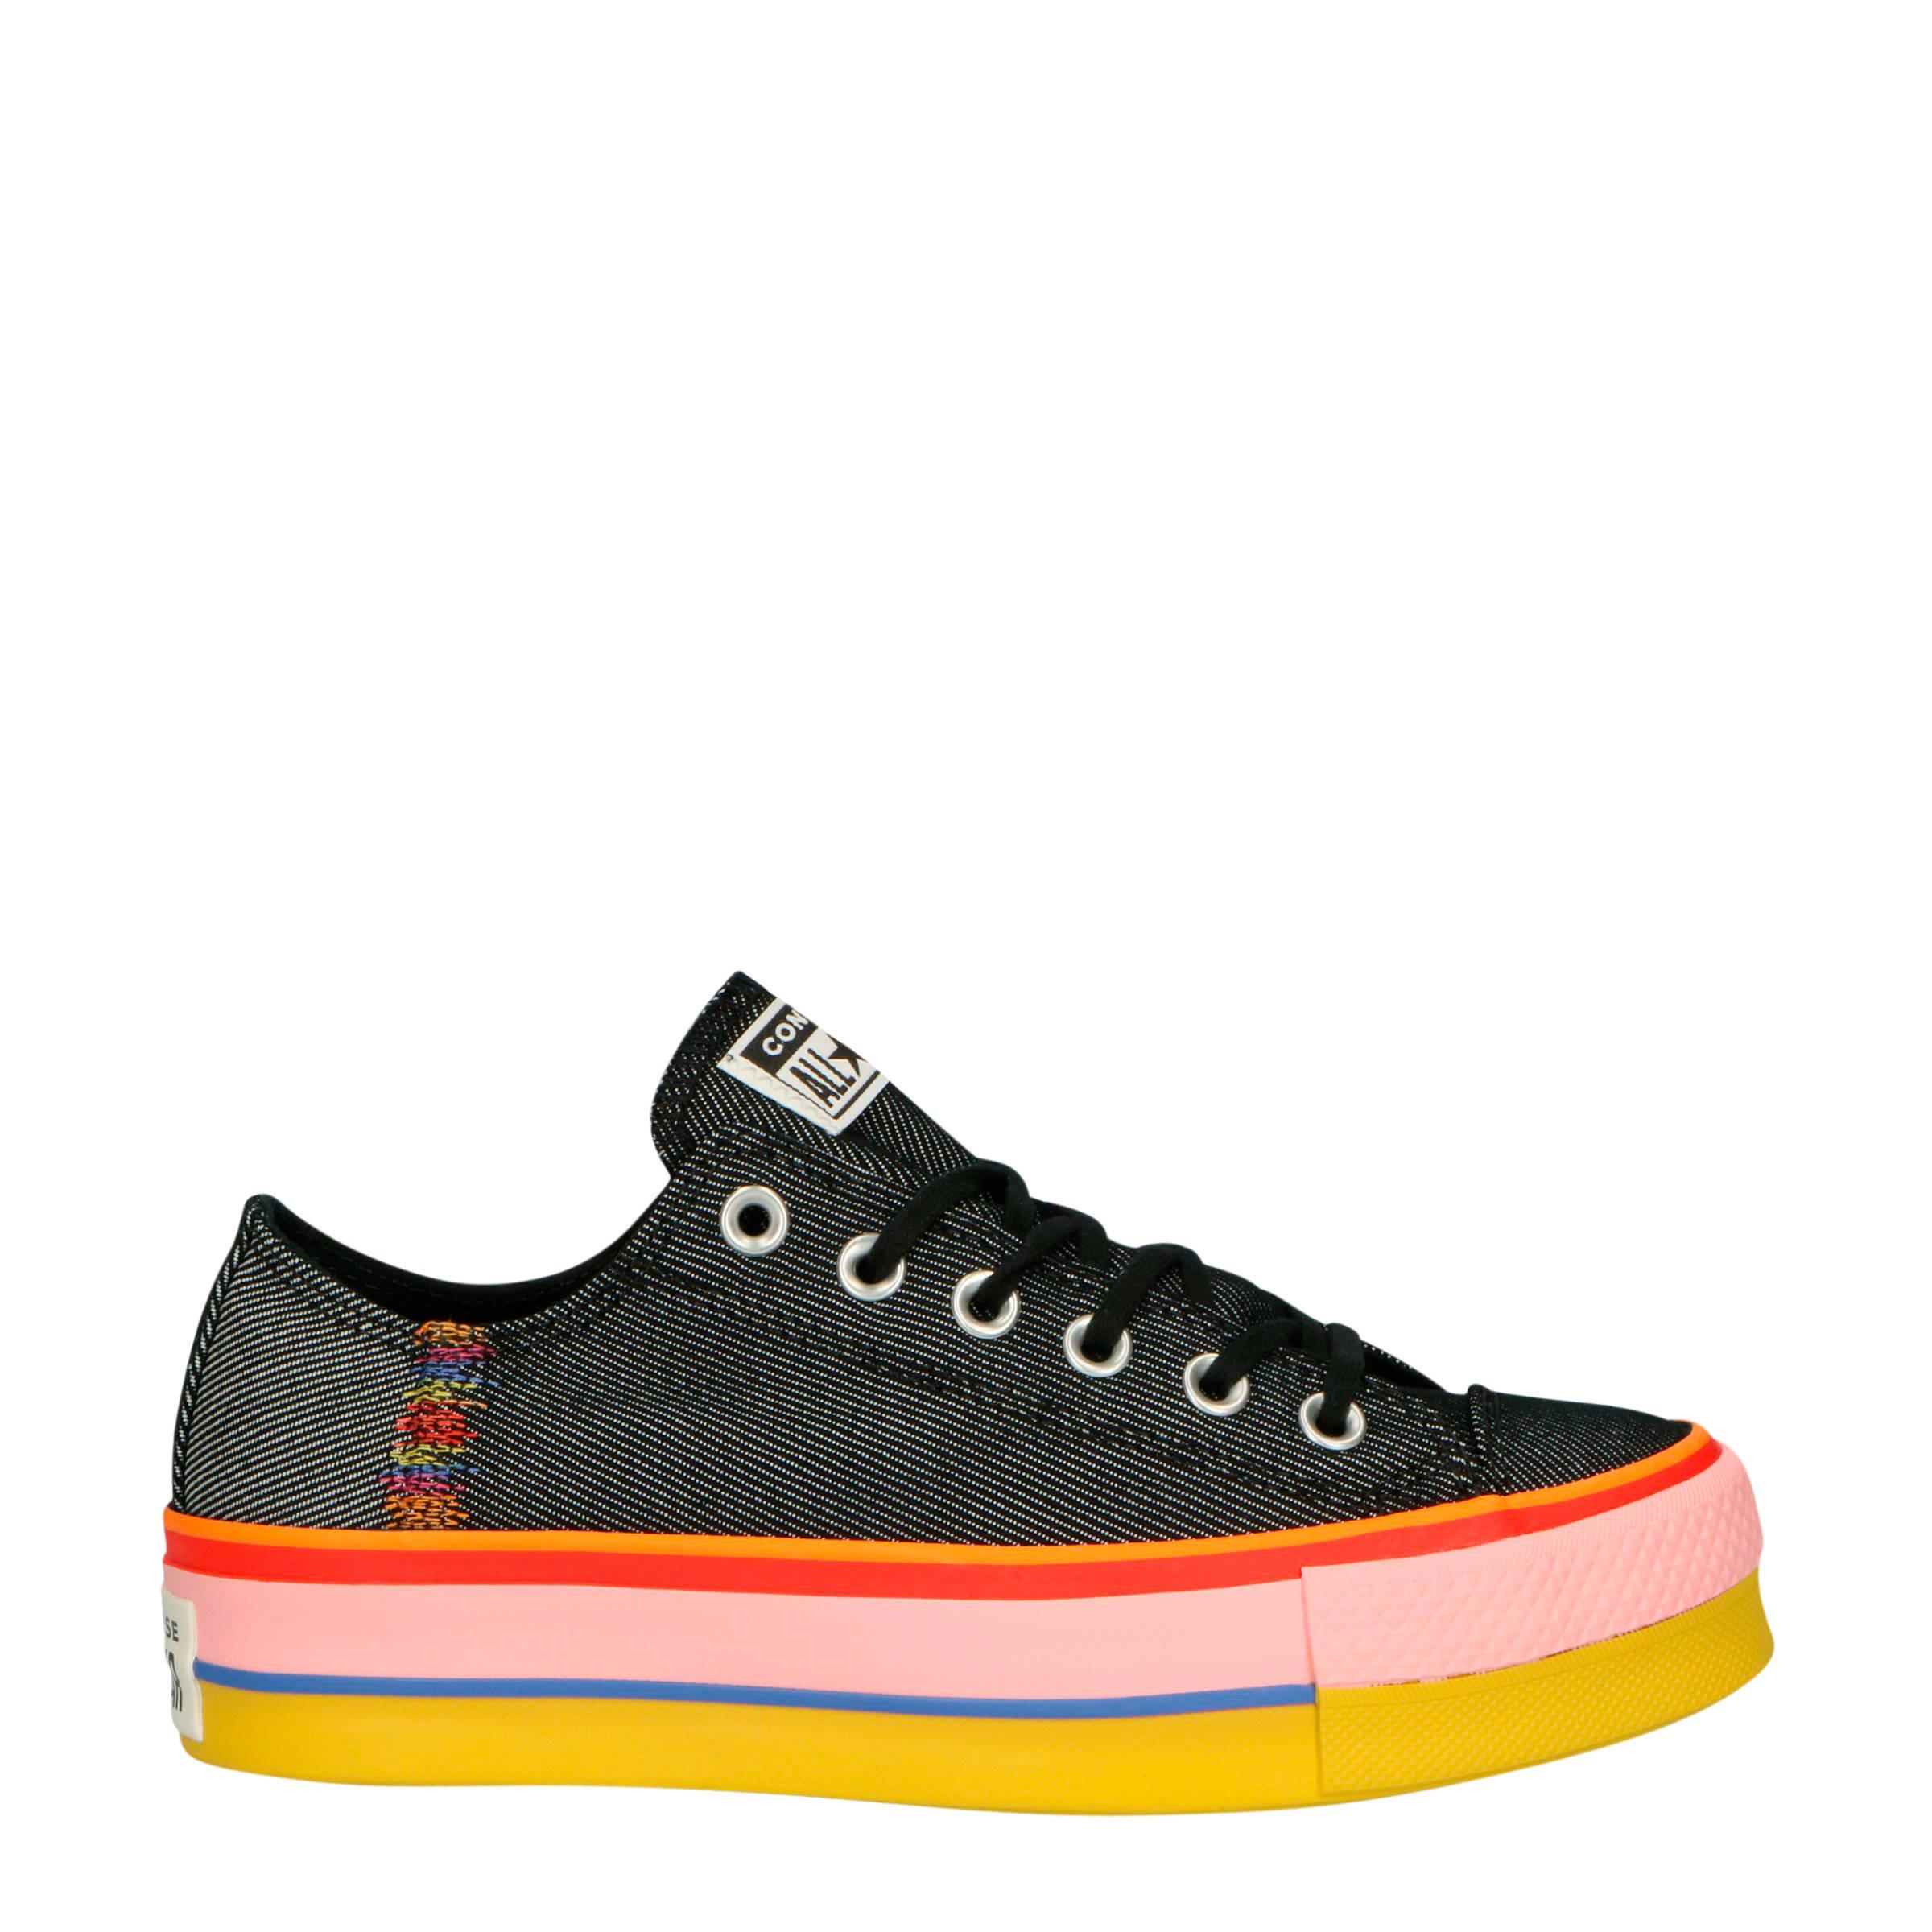 Zwarte CONVERSE Sneakers CHUCK TAYLOR ALL STAR OX DAMES | Omoda